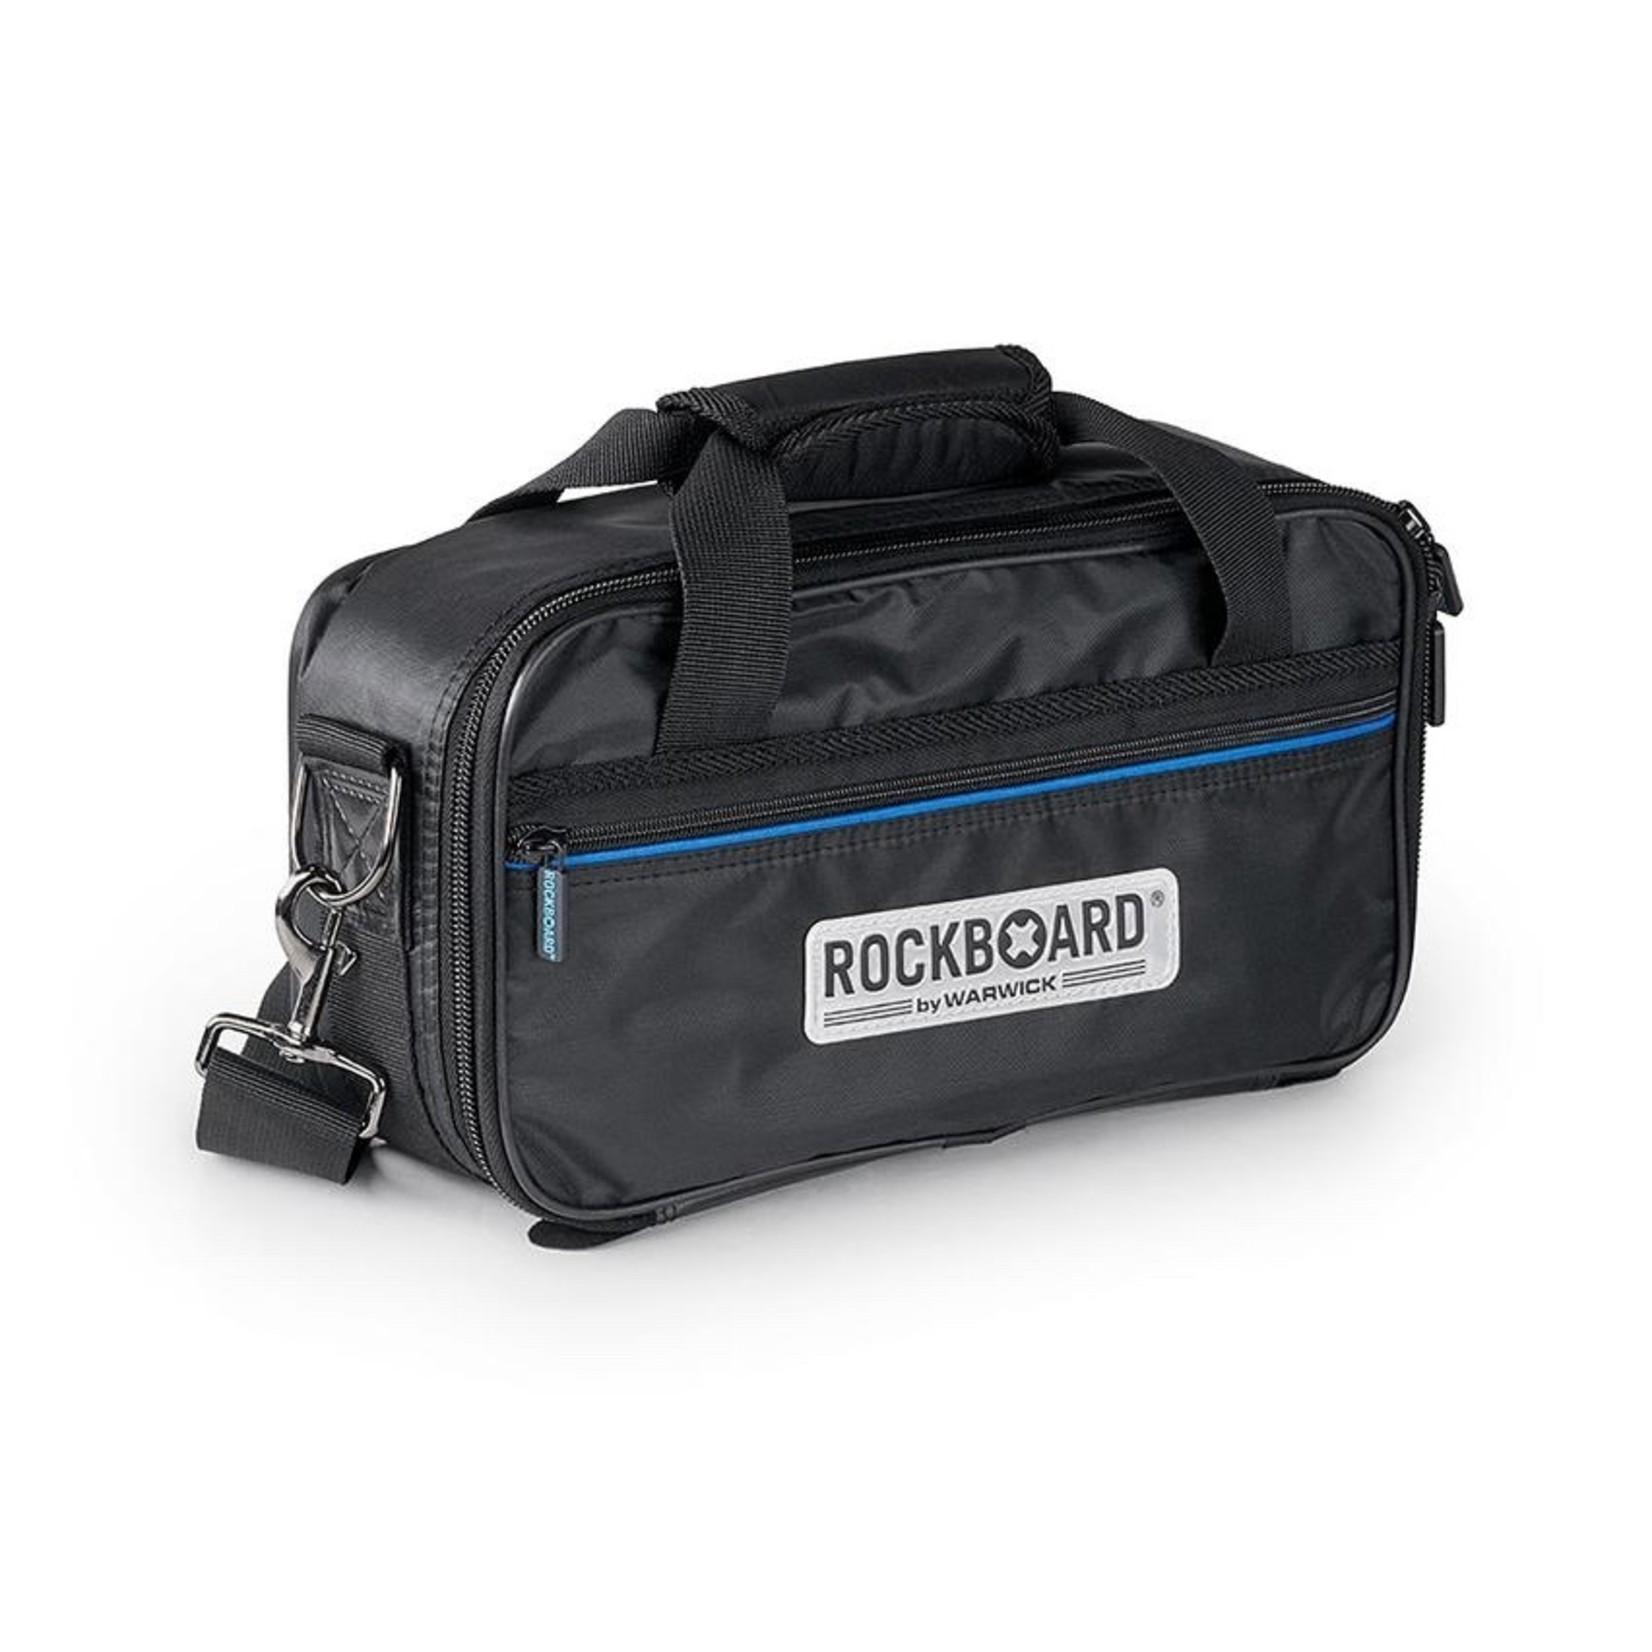 """Rockboard Rockboard Duo 2.0 Small (3-5 pedals) Pedalboard with Gigbag (12 5/8"""" x 5 1/2"""")"""